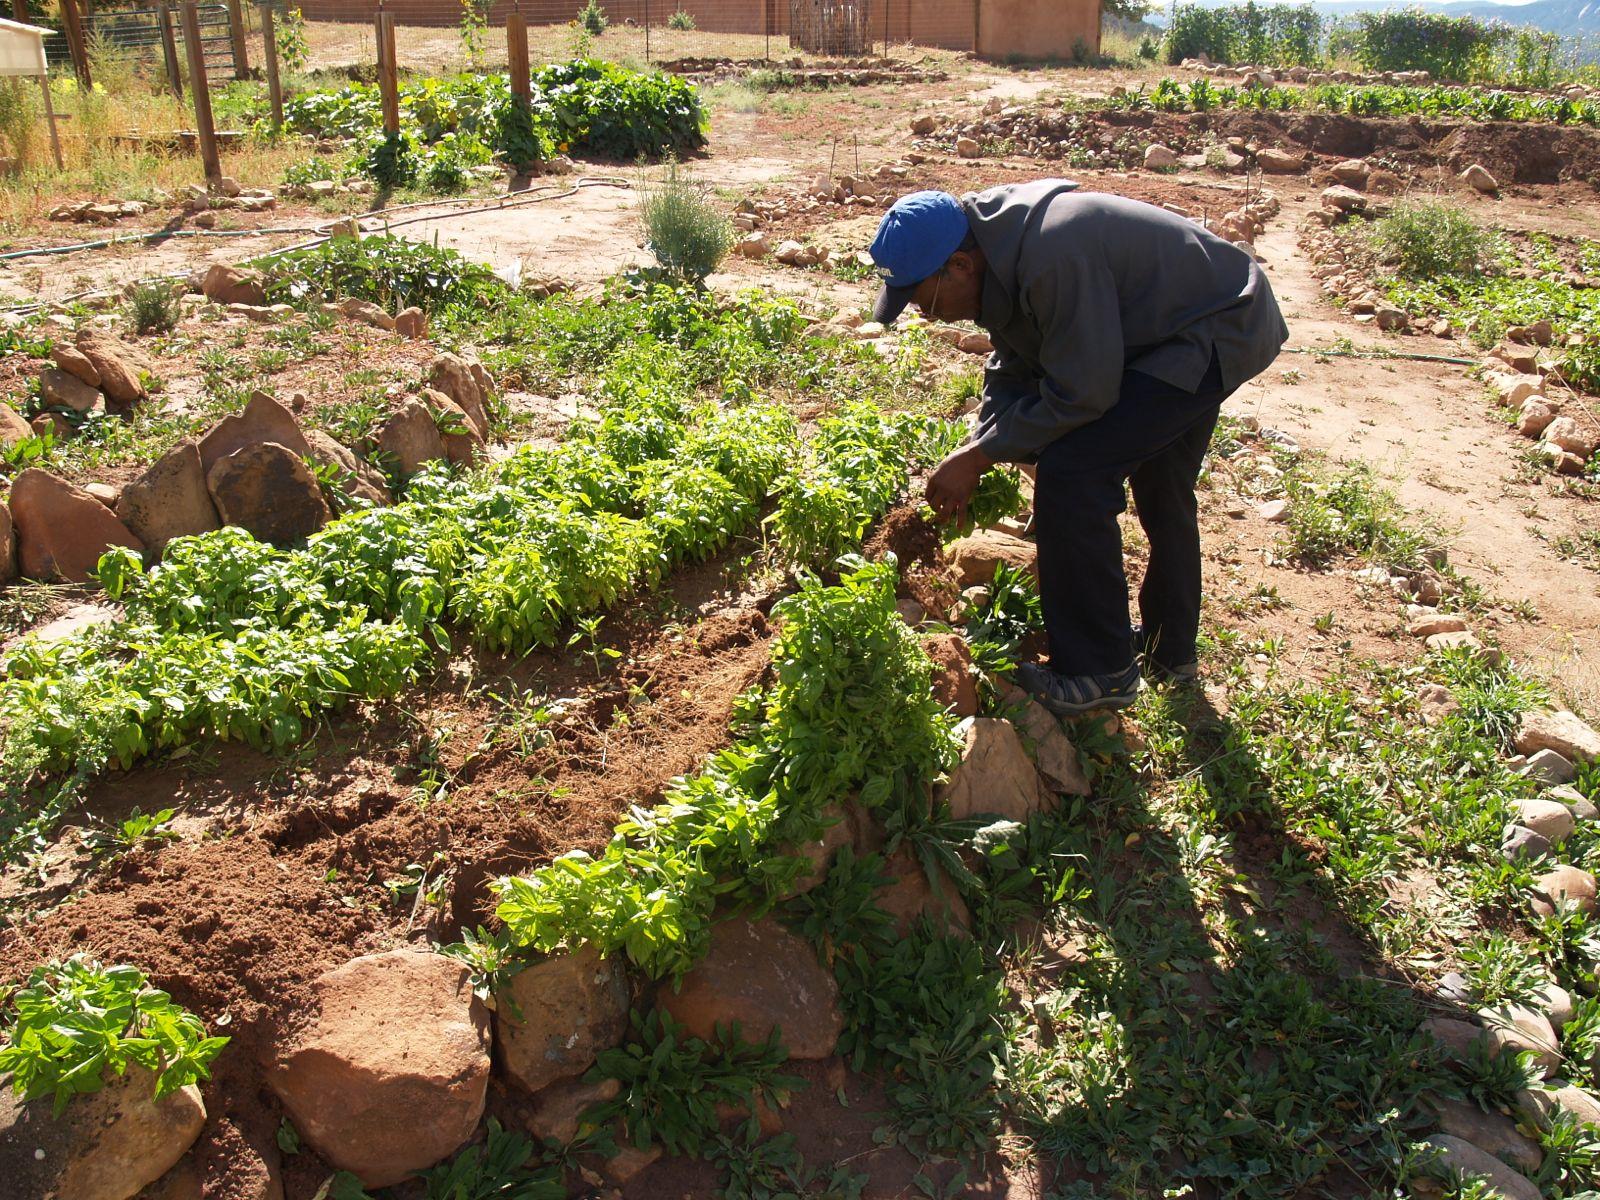 Working in the vegetable garden